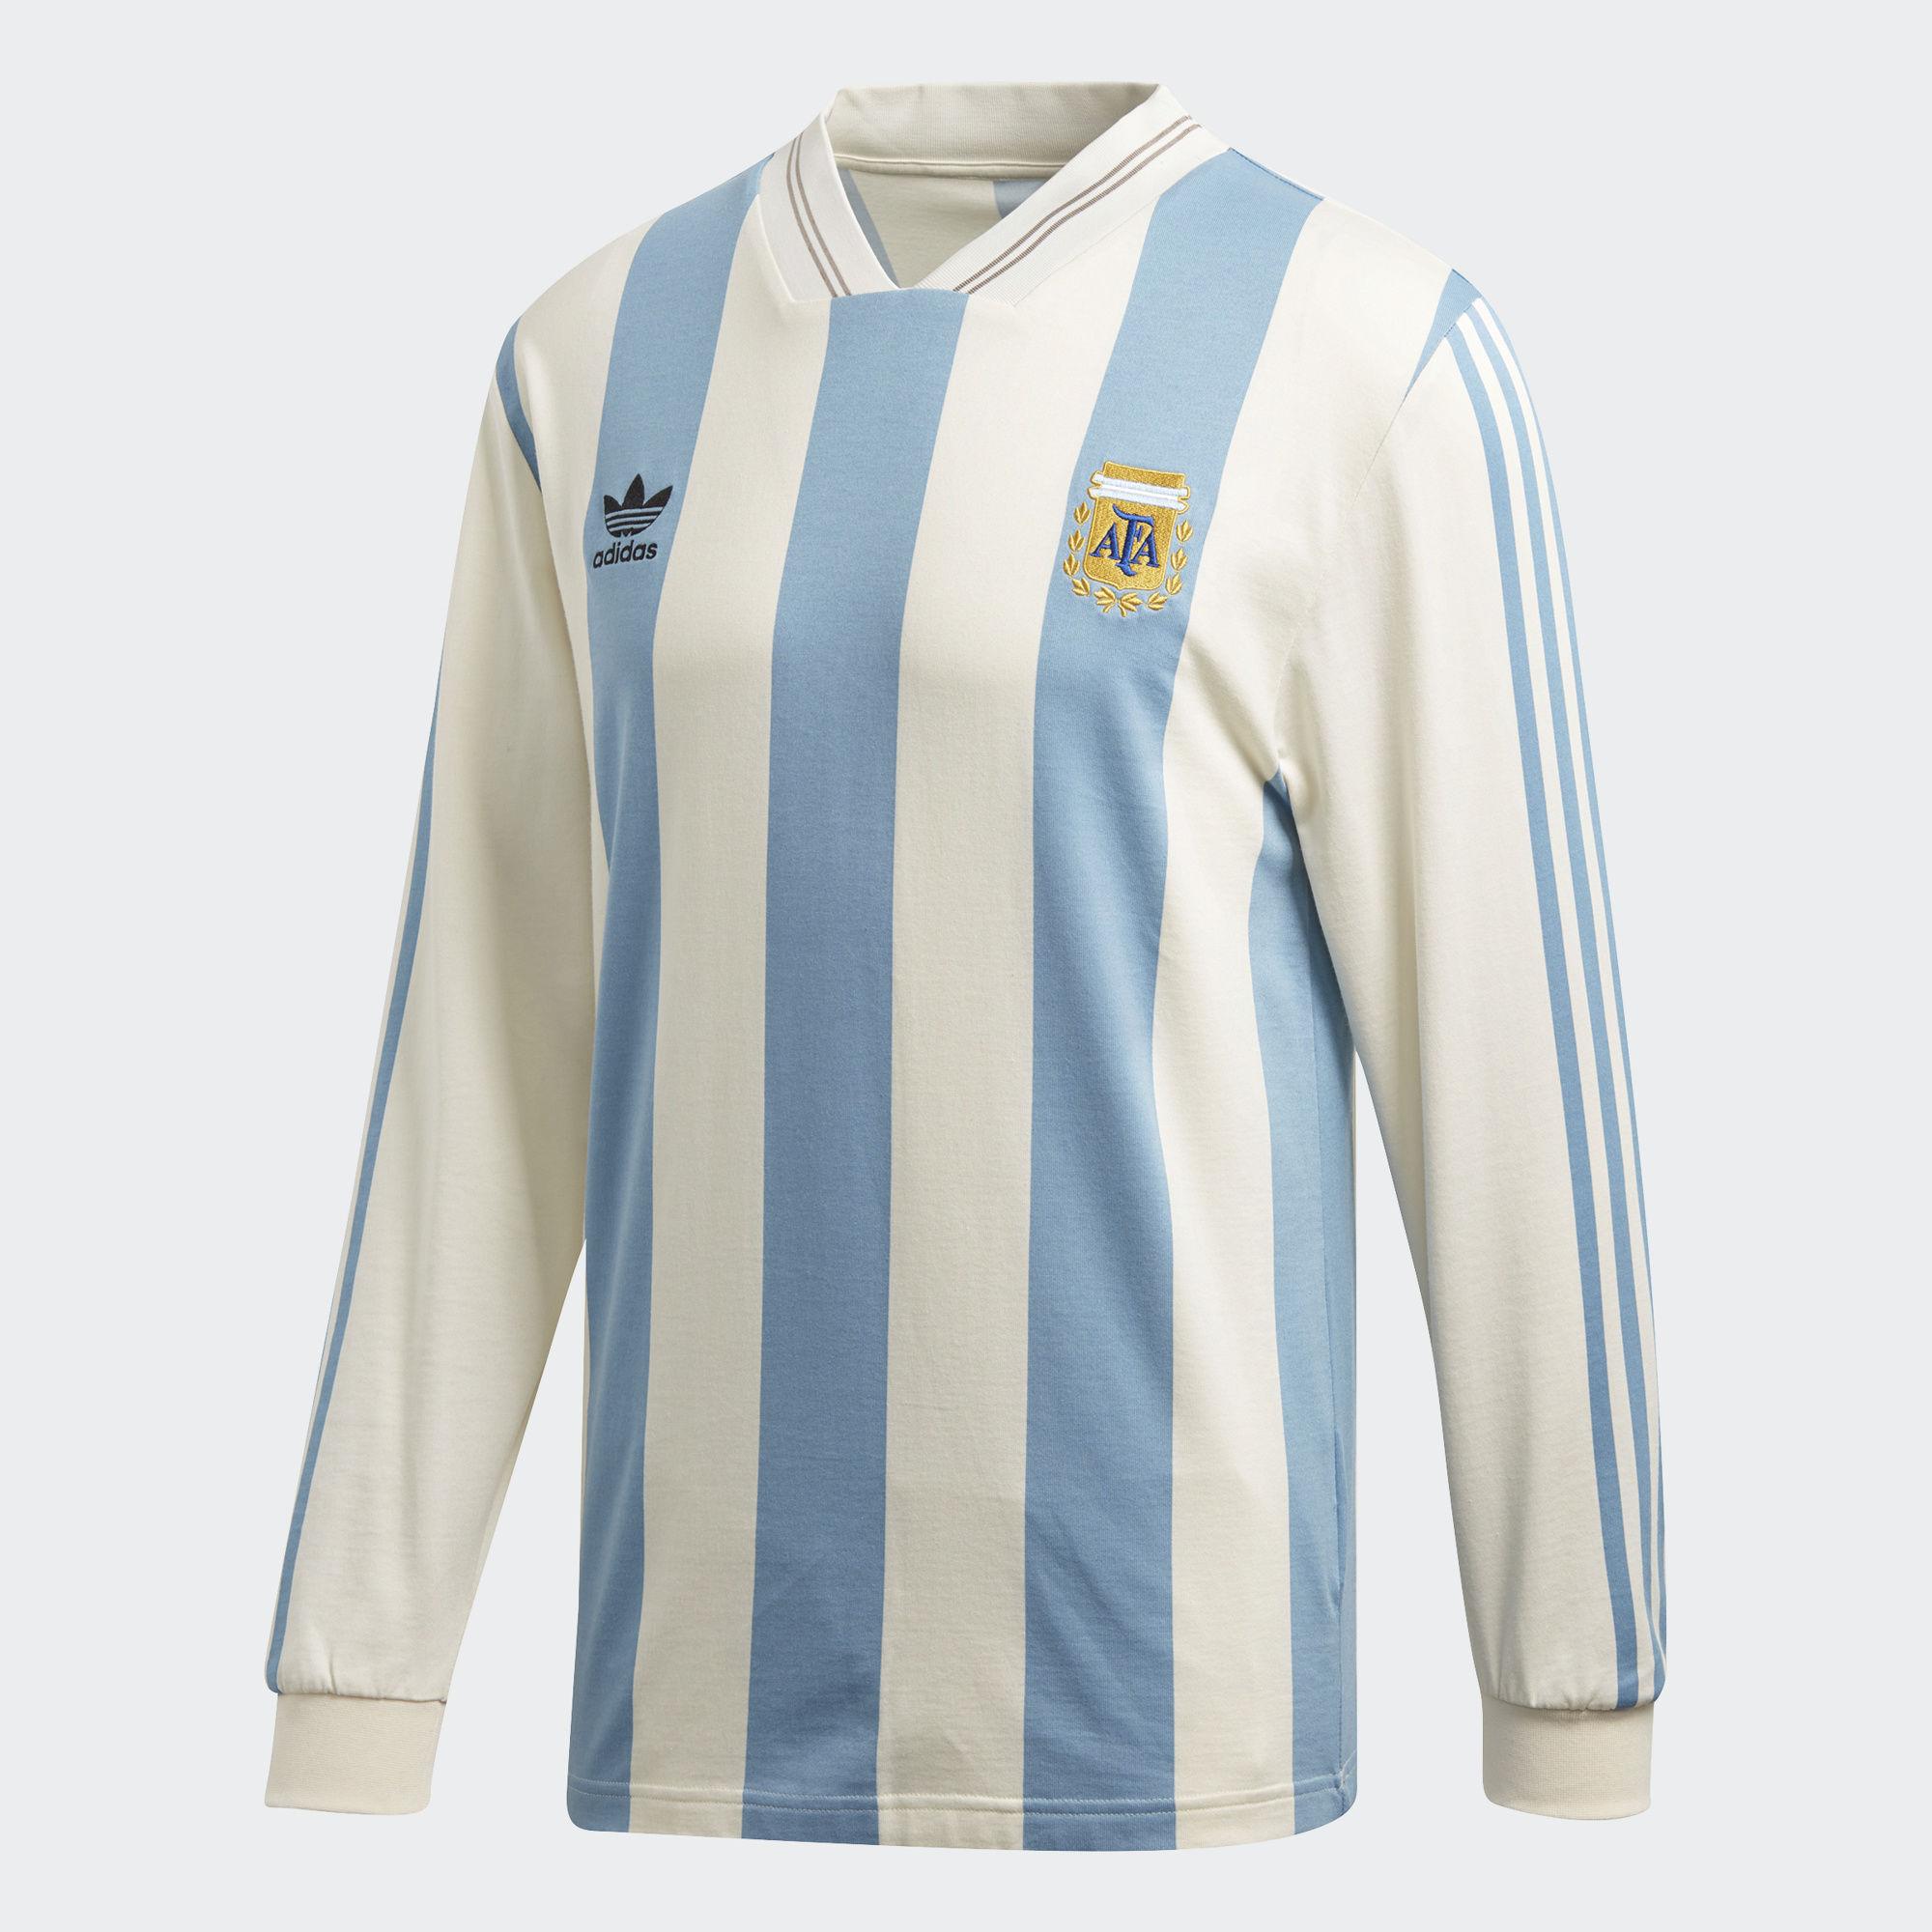 adidas retro argentina shirt